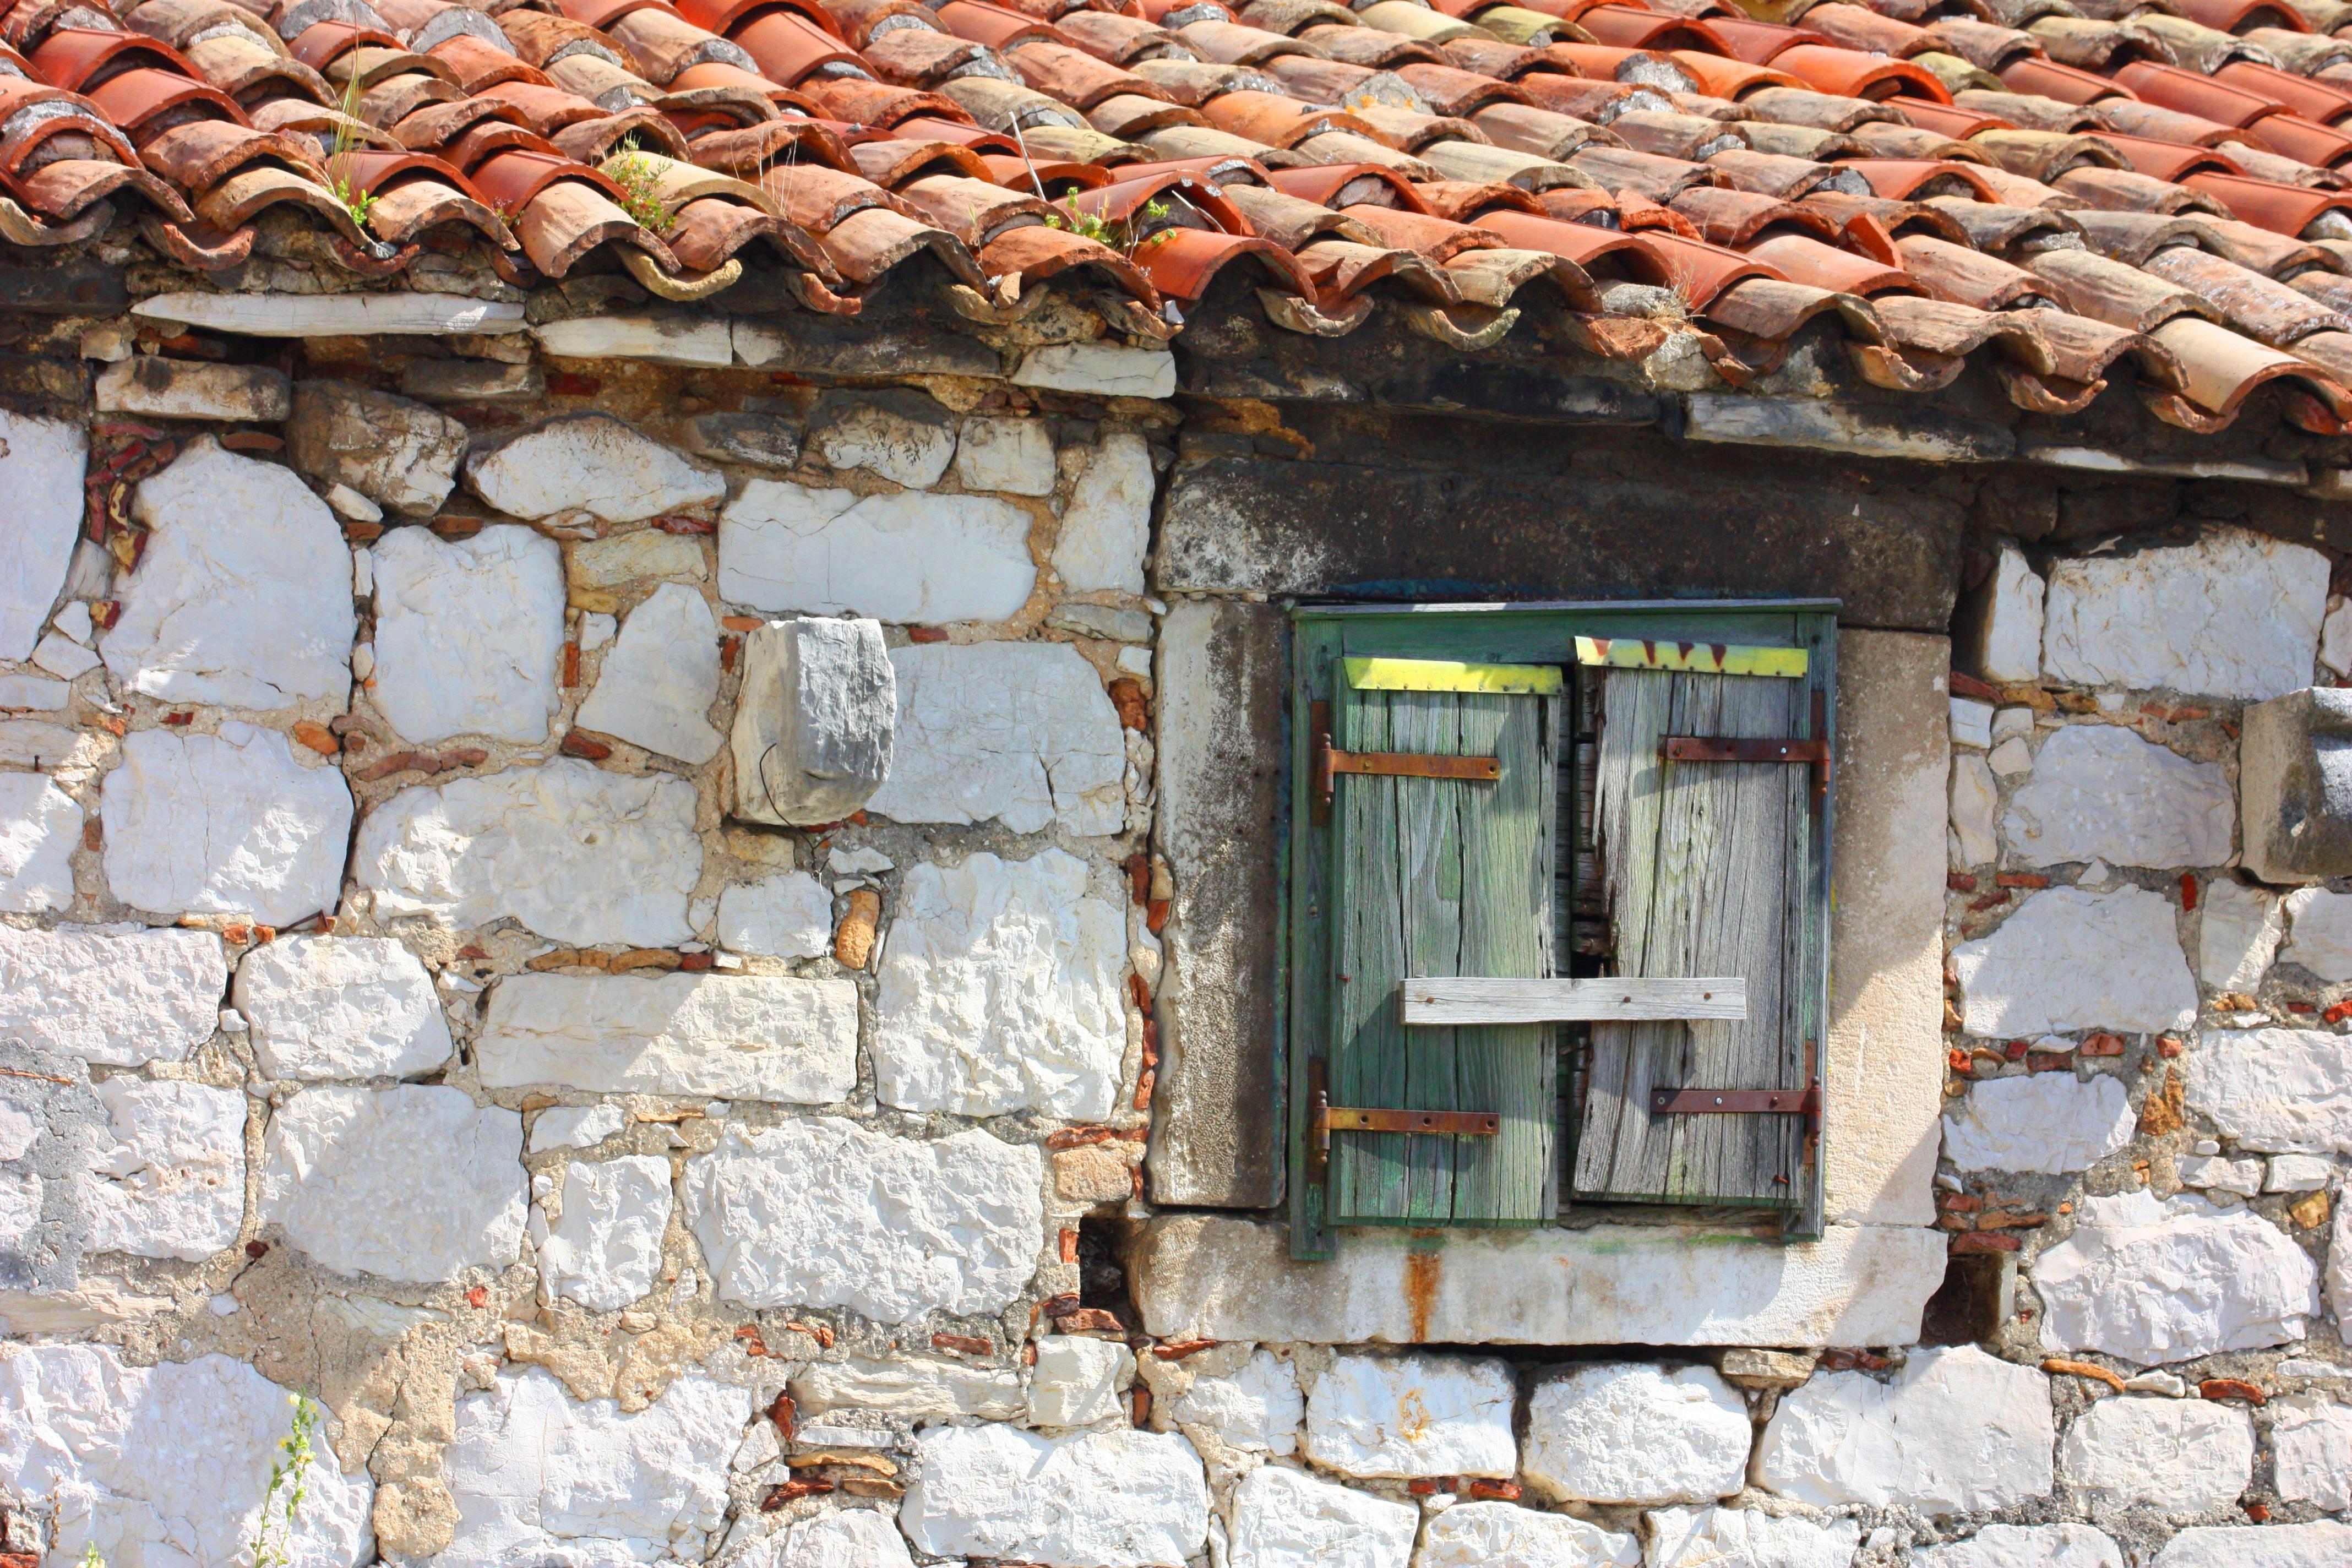 Fotos gratis rock arquitectura madera ventana techo pared pueblo caba a fachada pared - Fotos de paredes de piedra ...